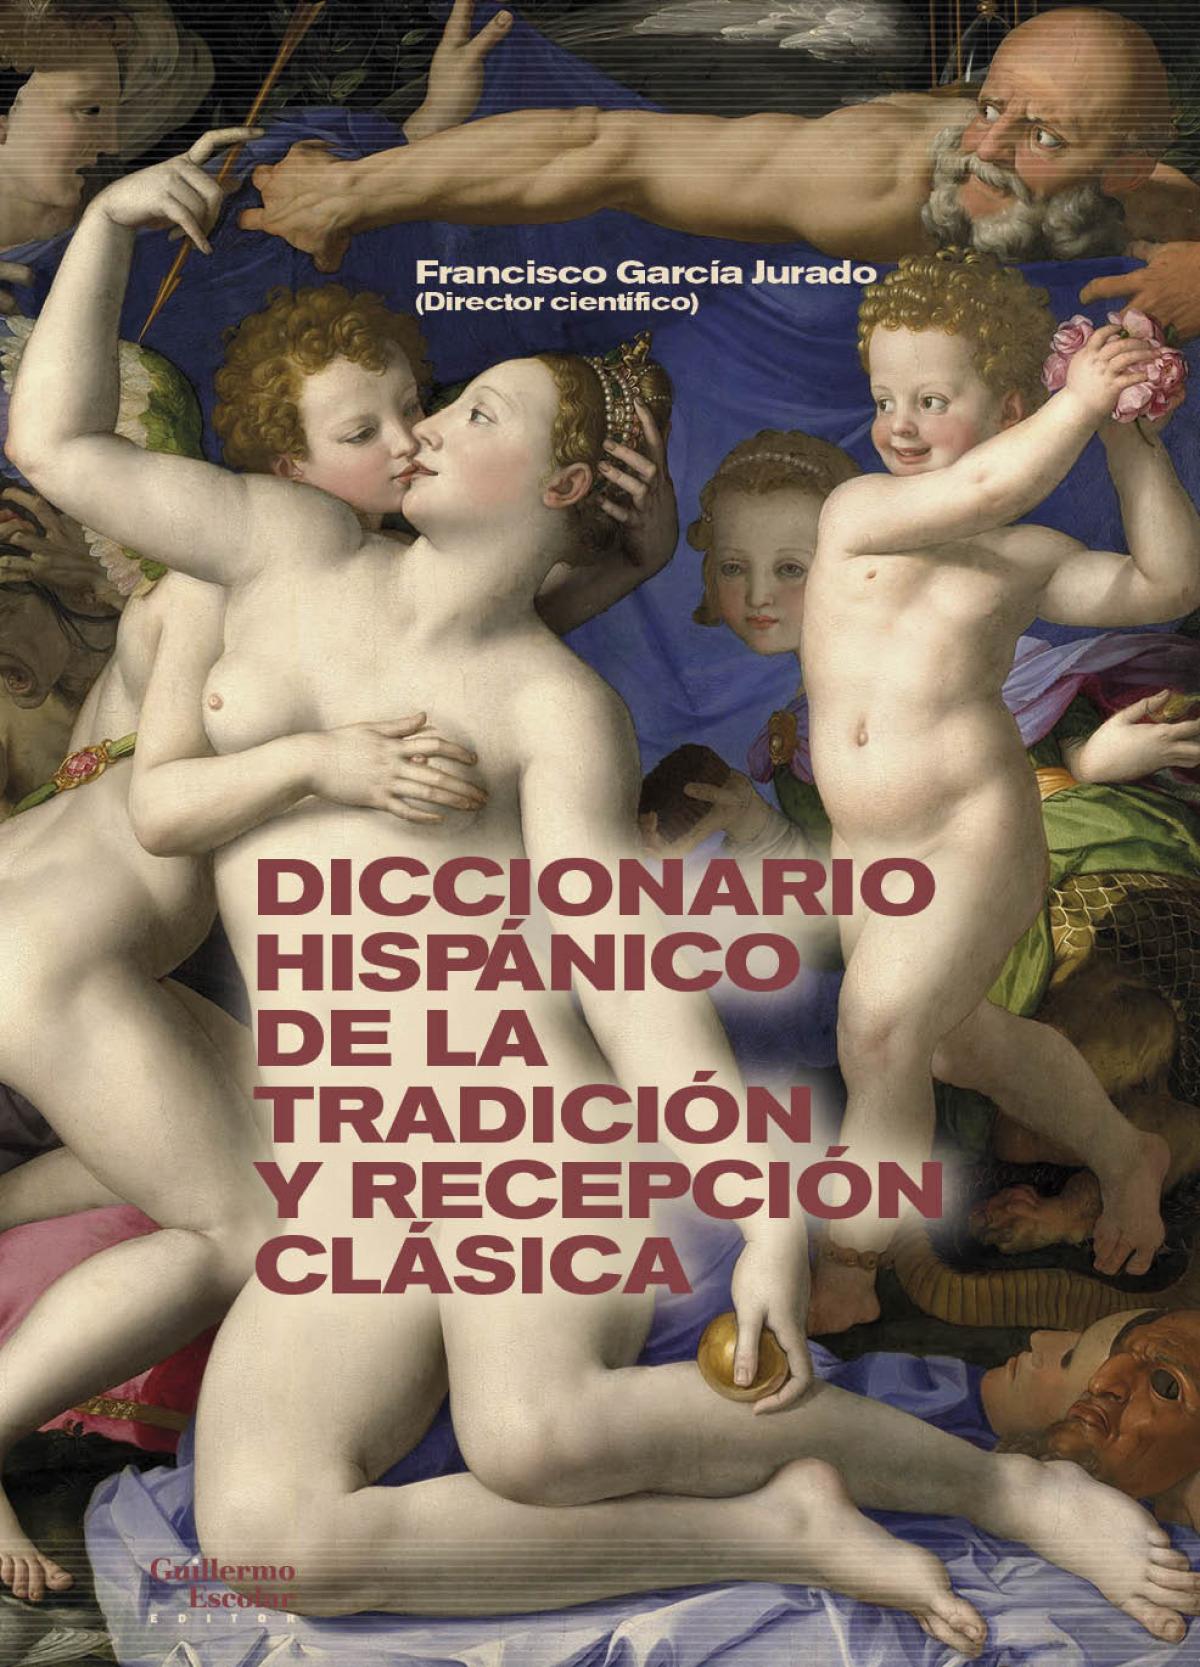 Diccionario hispánico de la tradición y recepción clásica